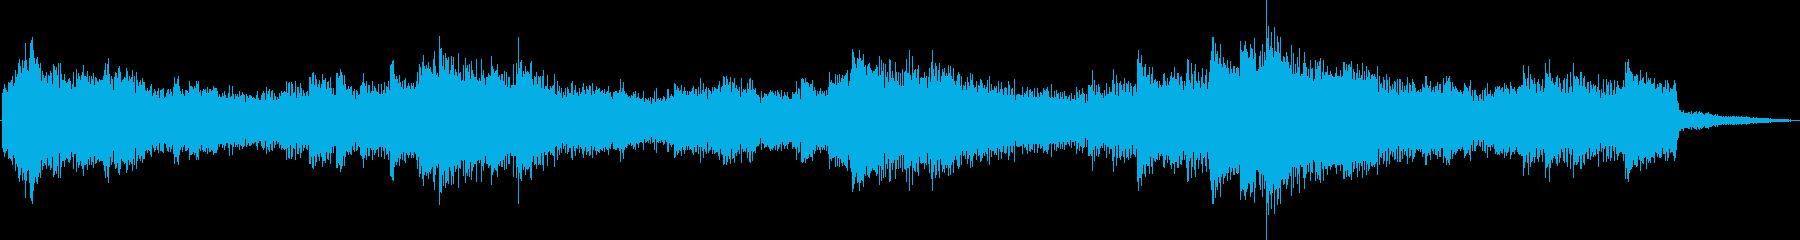 美しく幻想的なヒーリングジングルの再生済みの波形